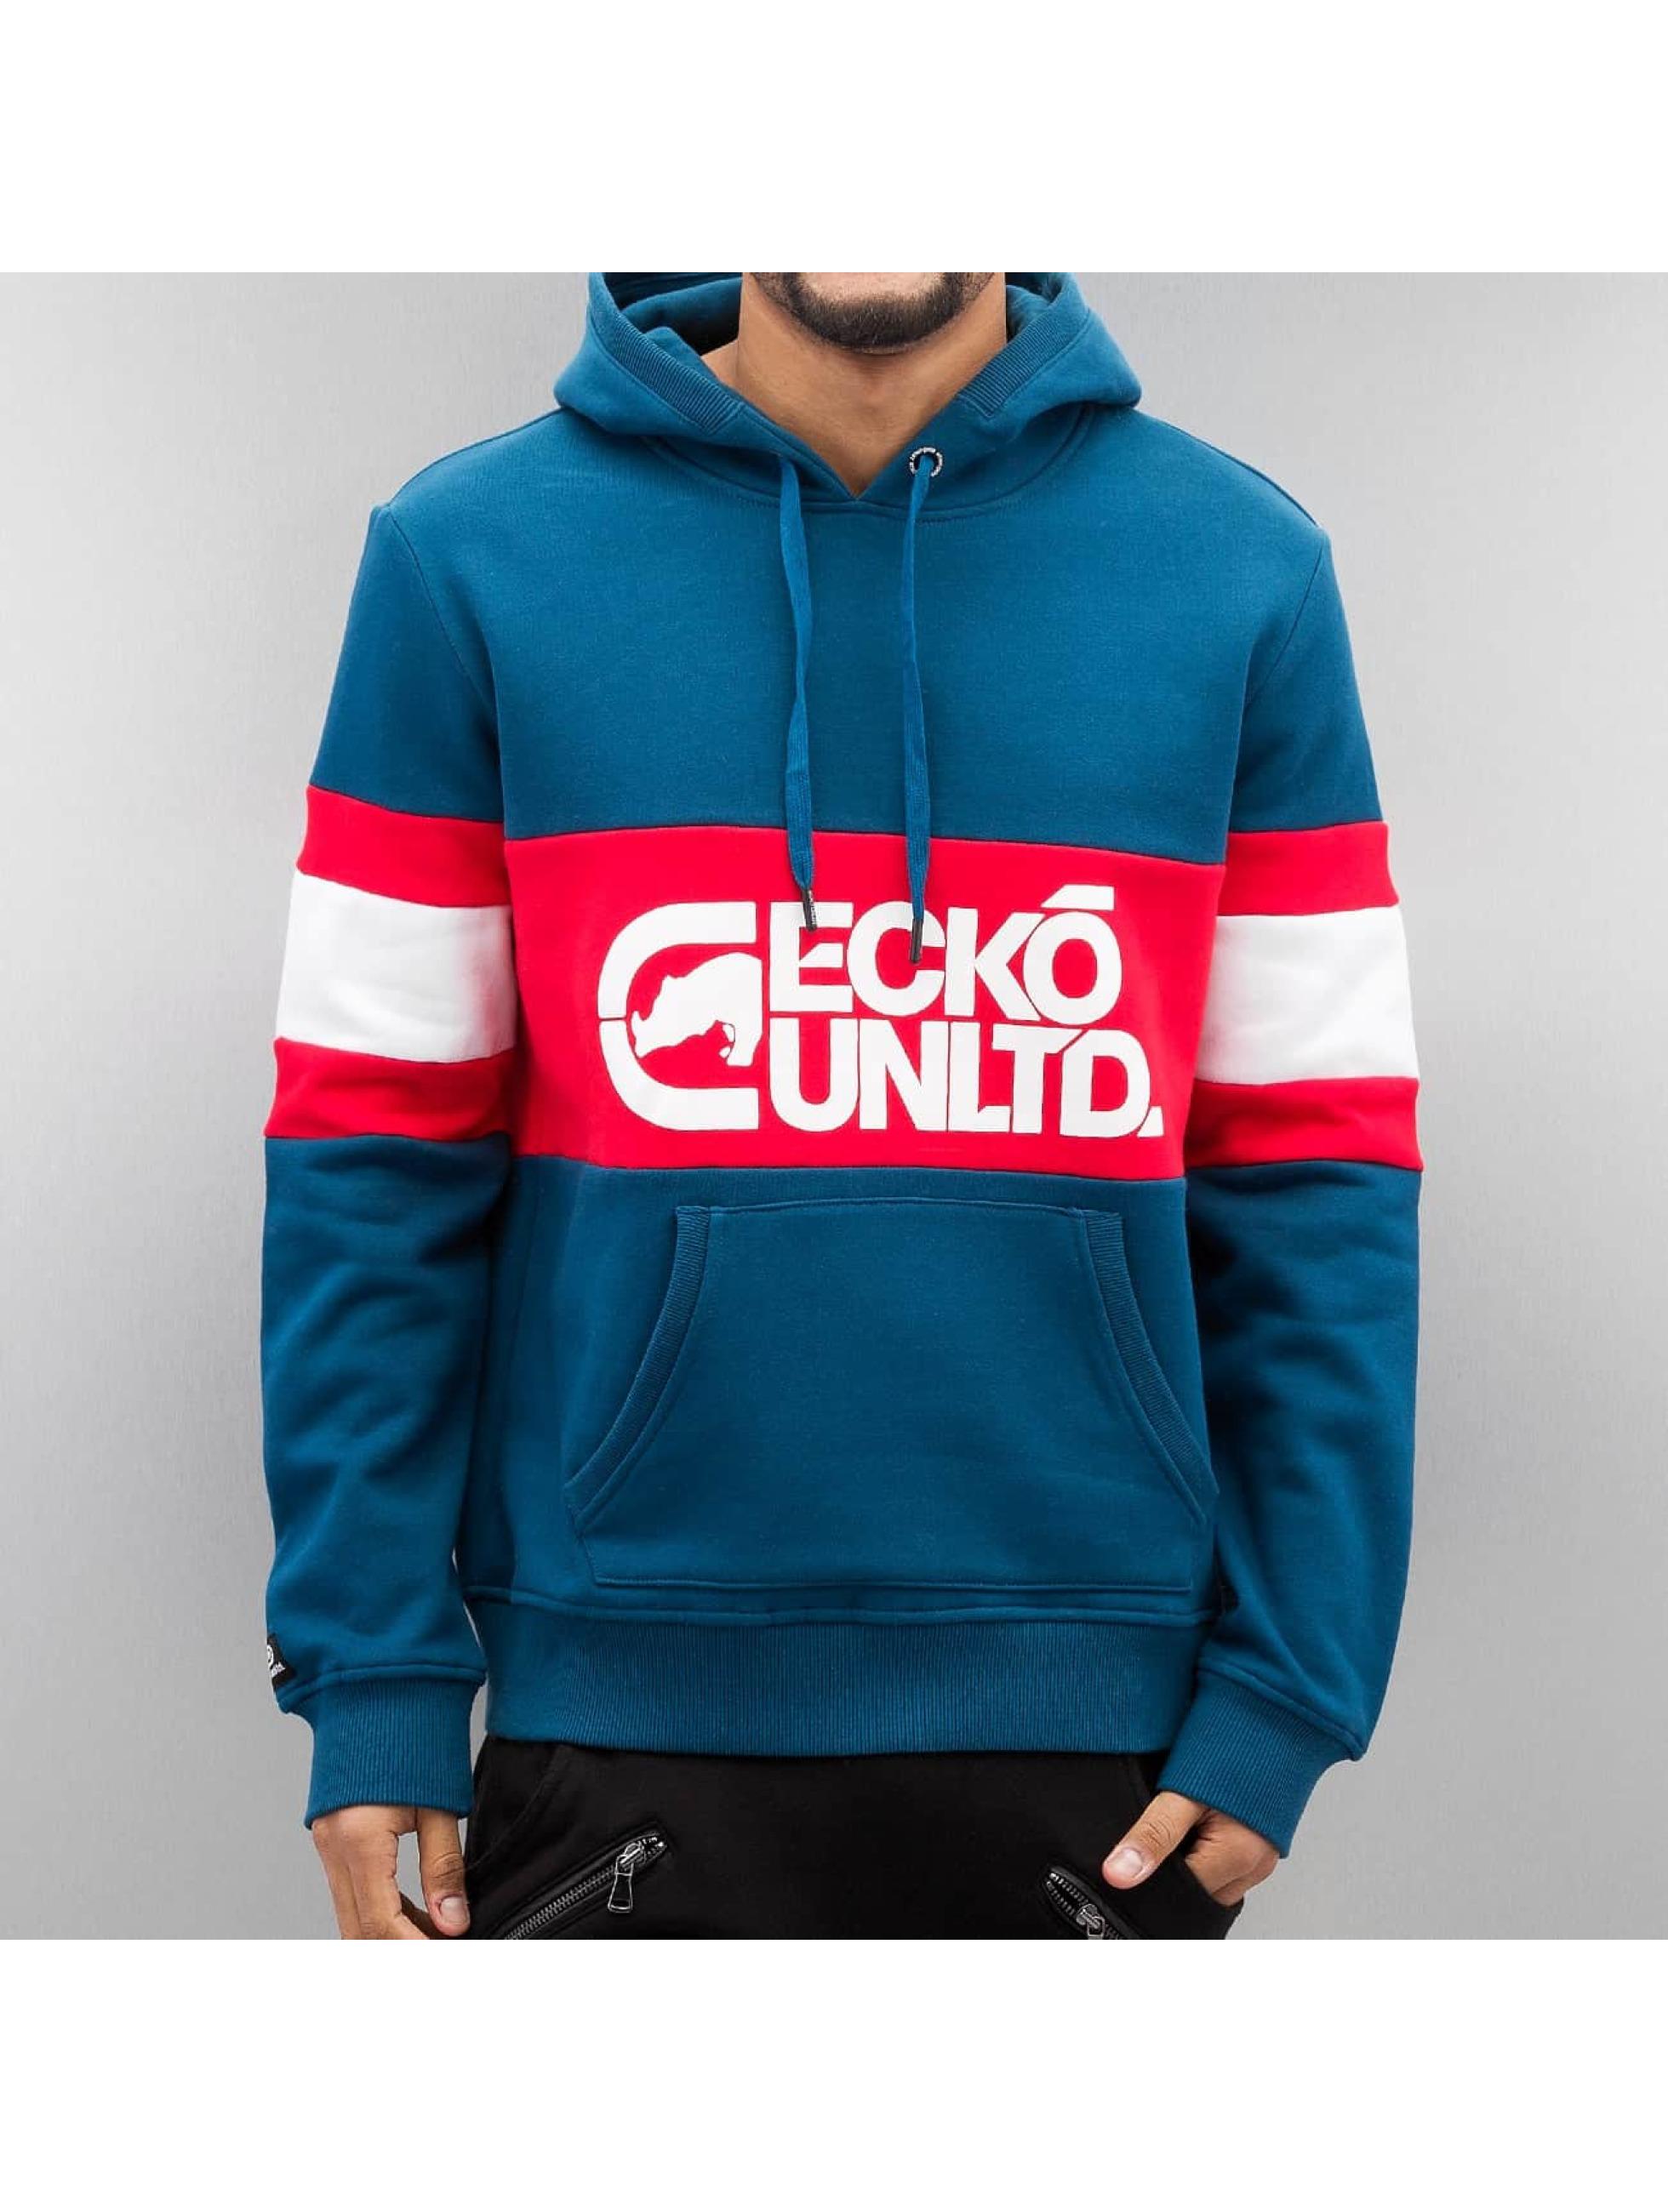 Ecko-Unltd-Uomini-Maglieria-Felpa-con-cappuccio-Flagship